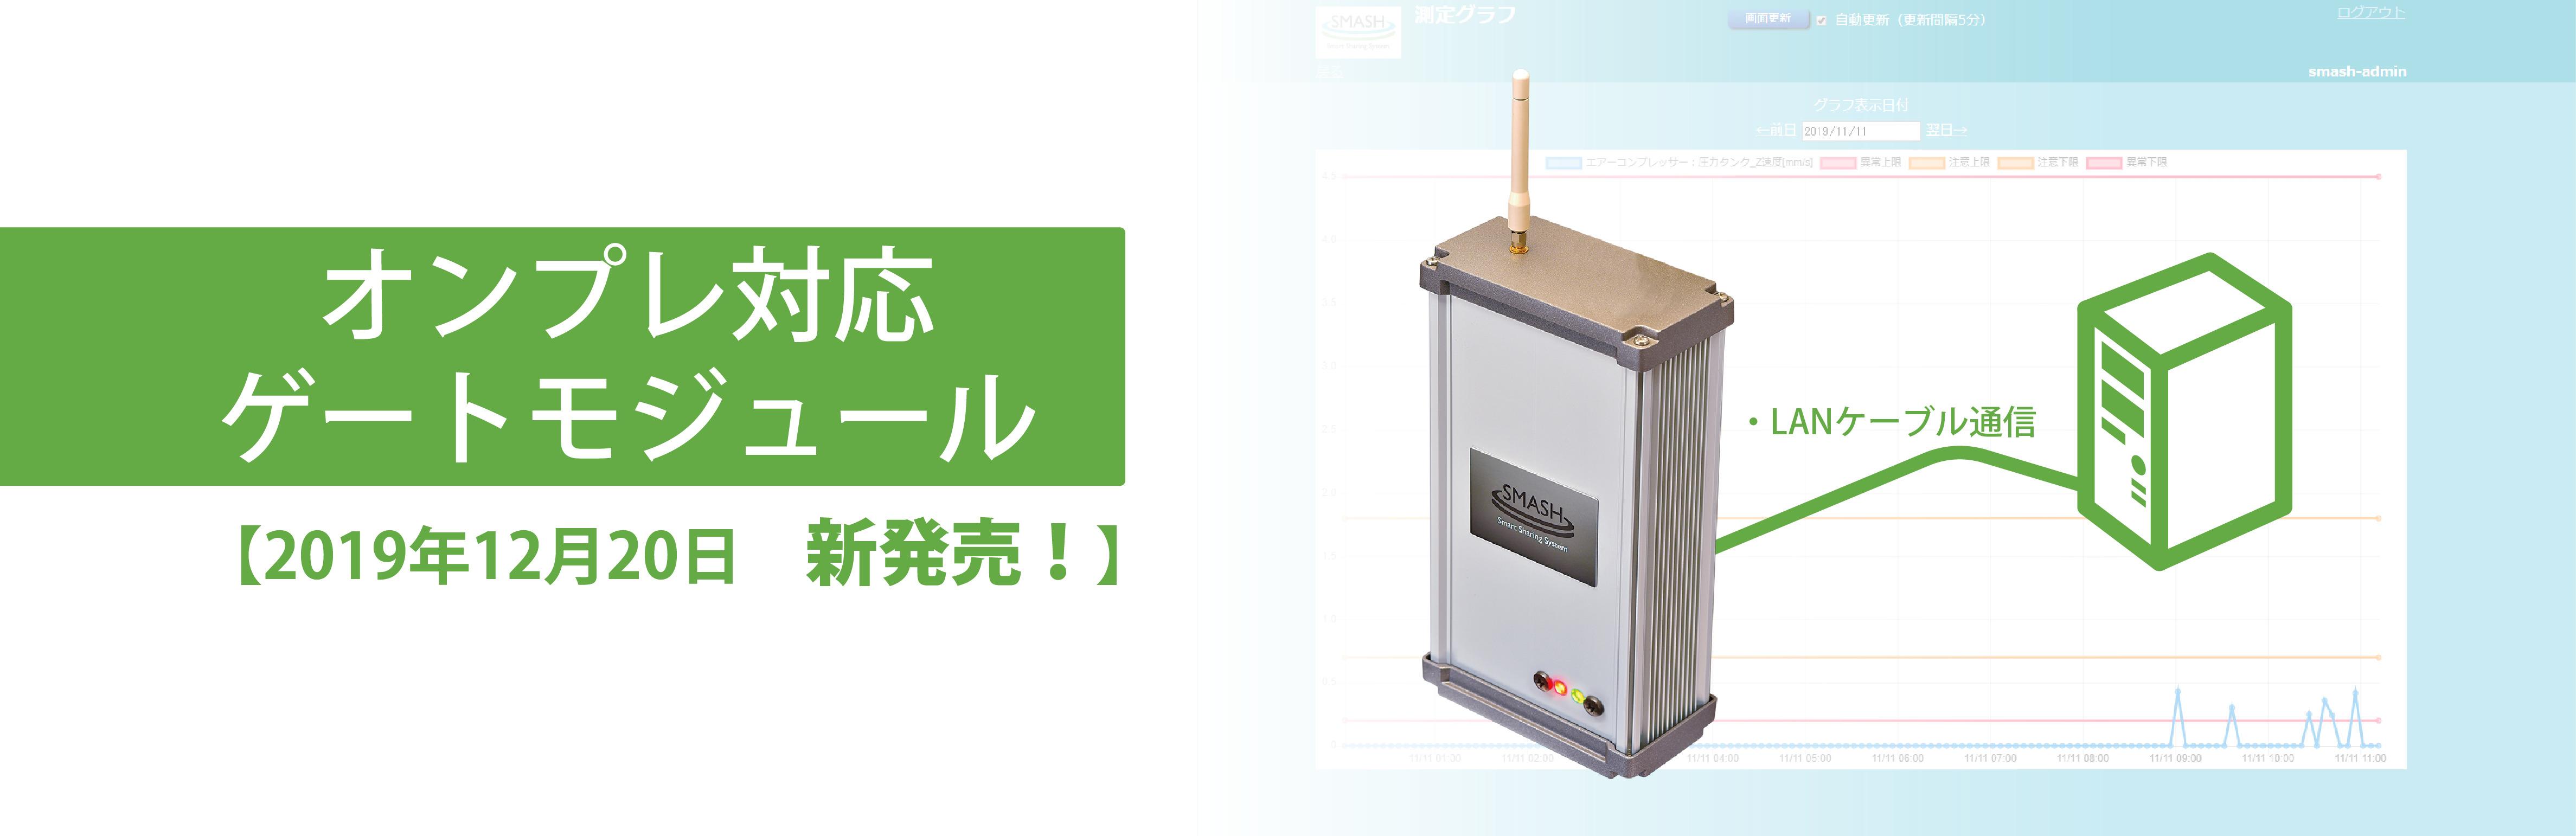 オンプレ対応ゲートモジュール発売